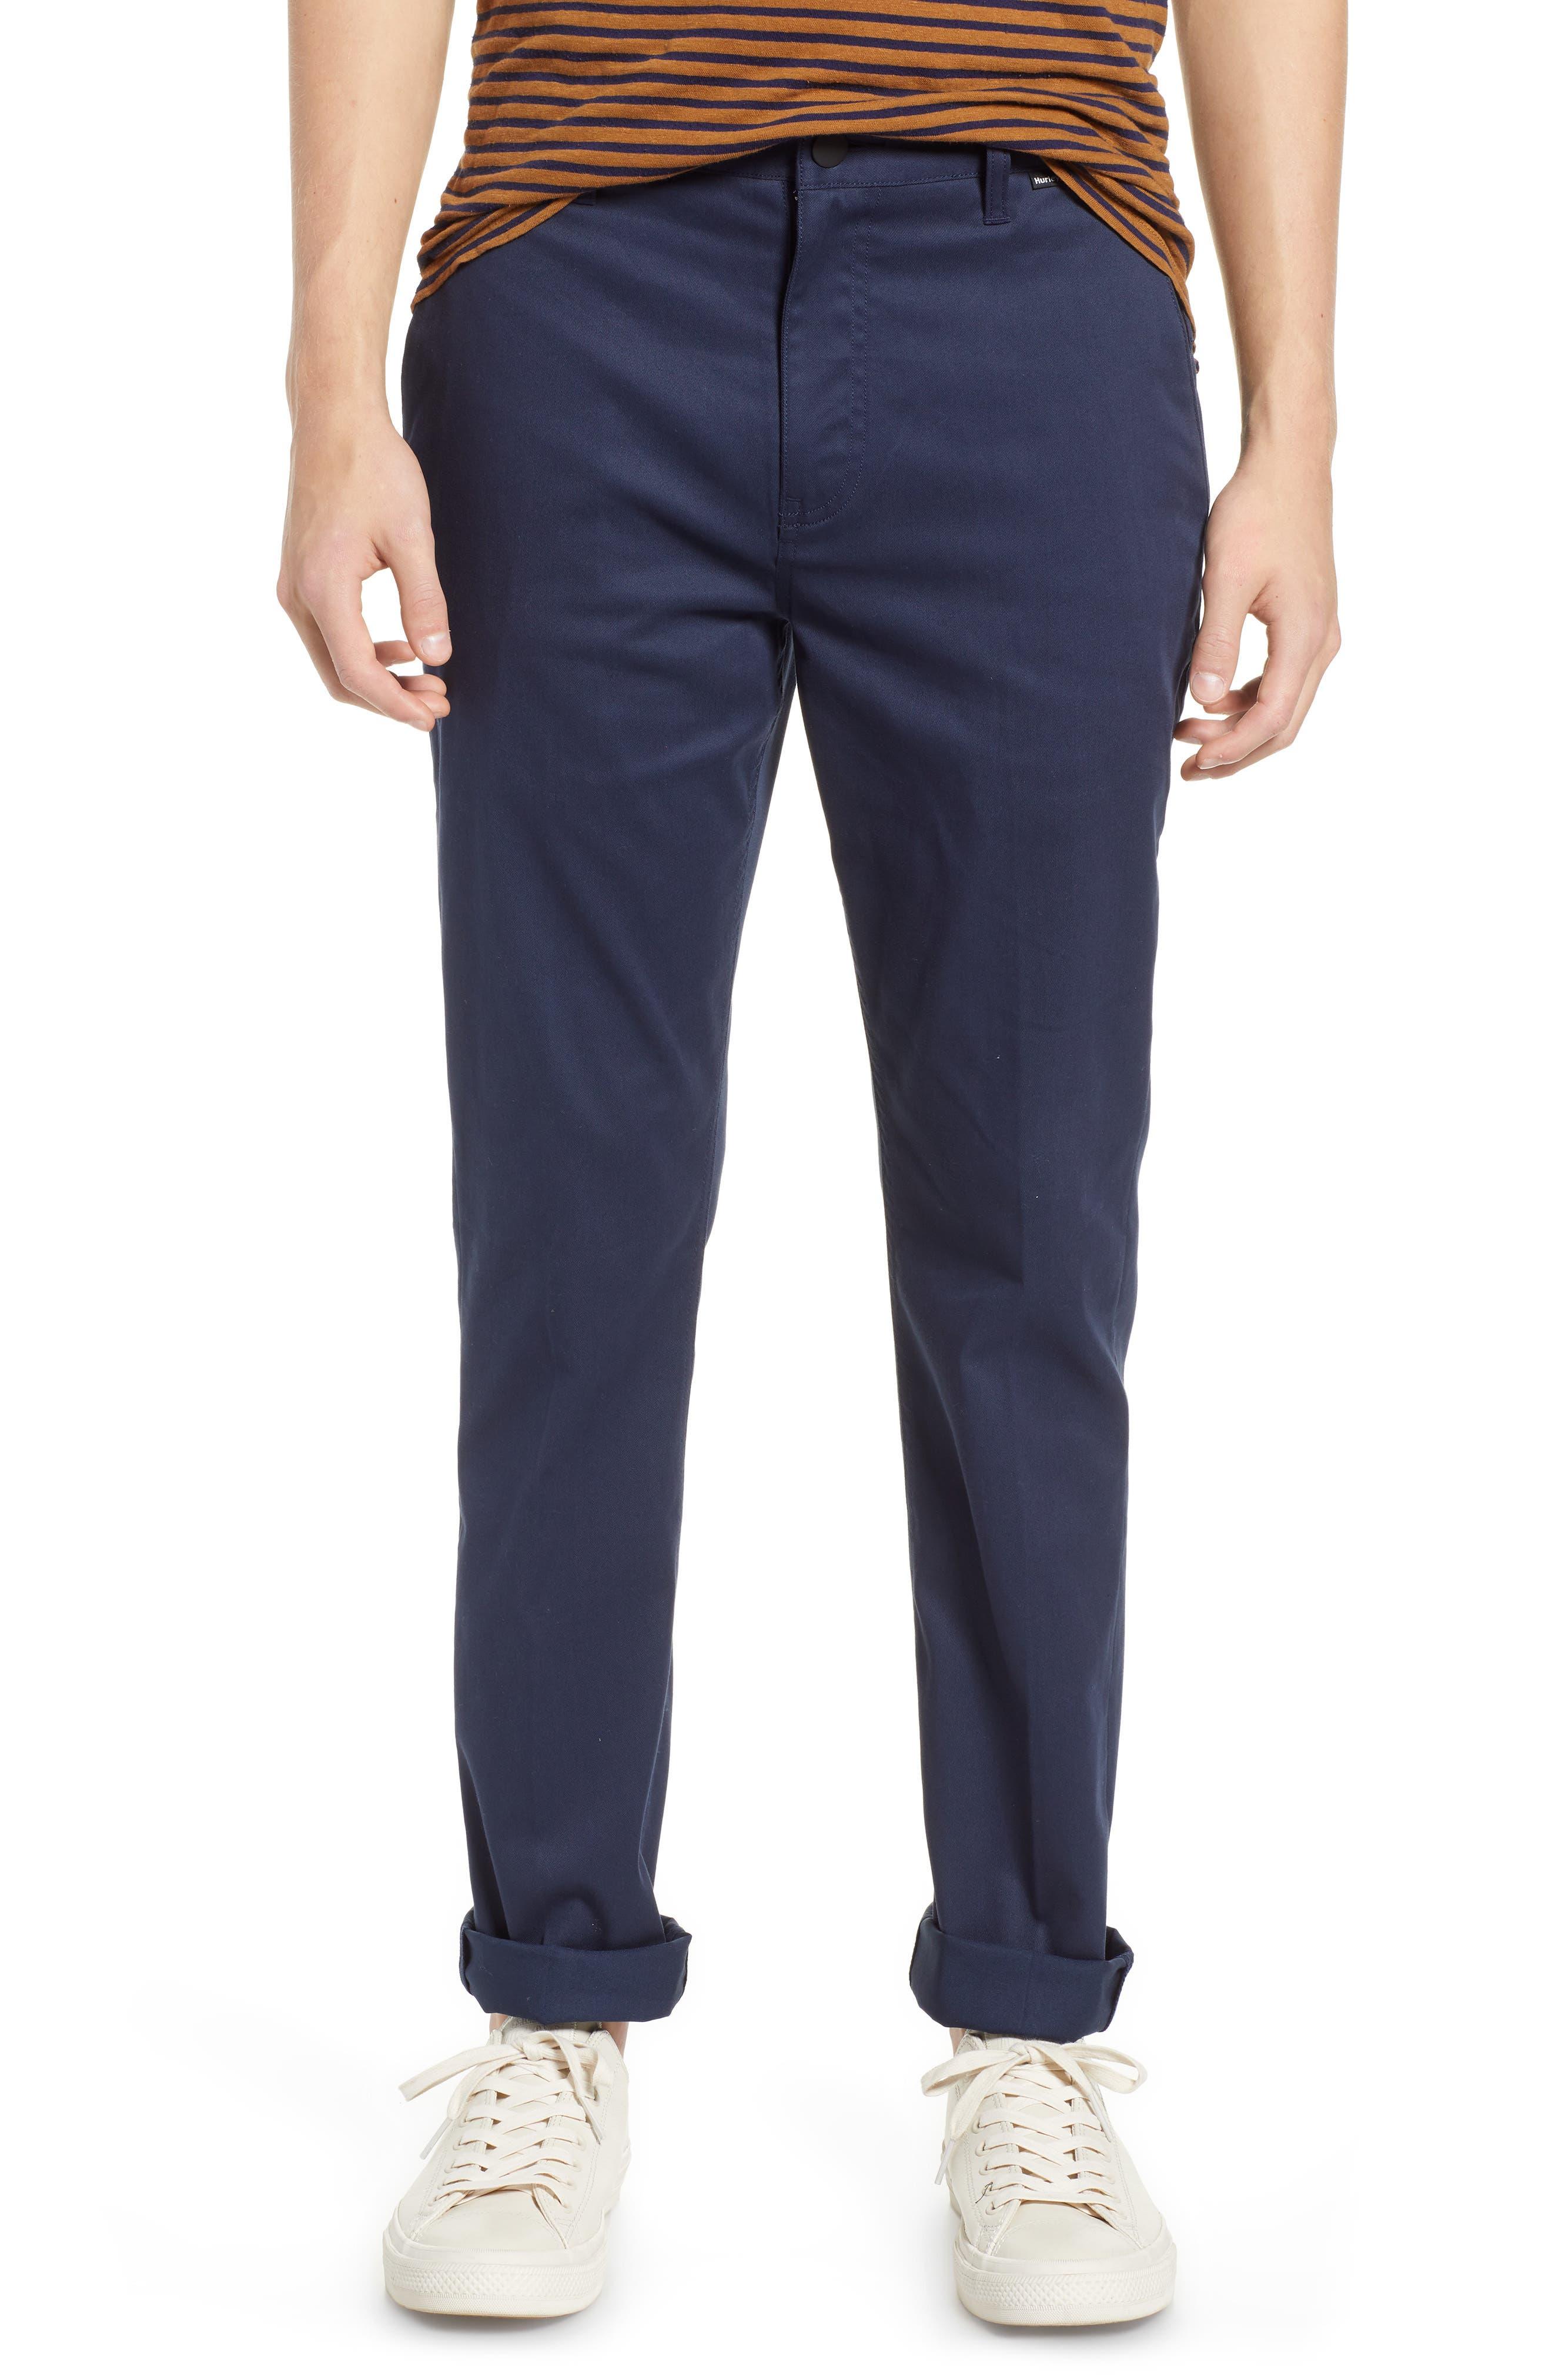 Men's Hurley Dri-Fit Pants, Size 28 - Blue